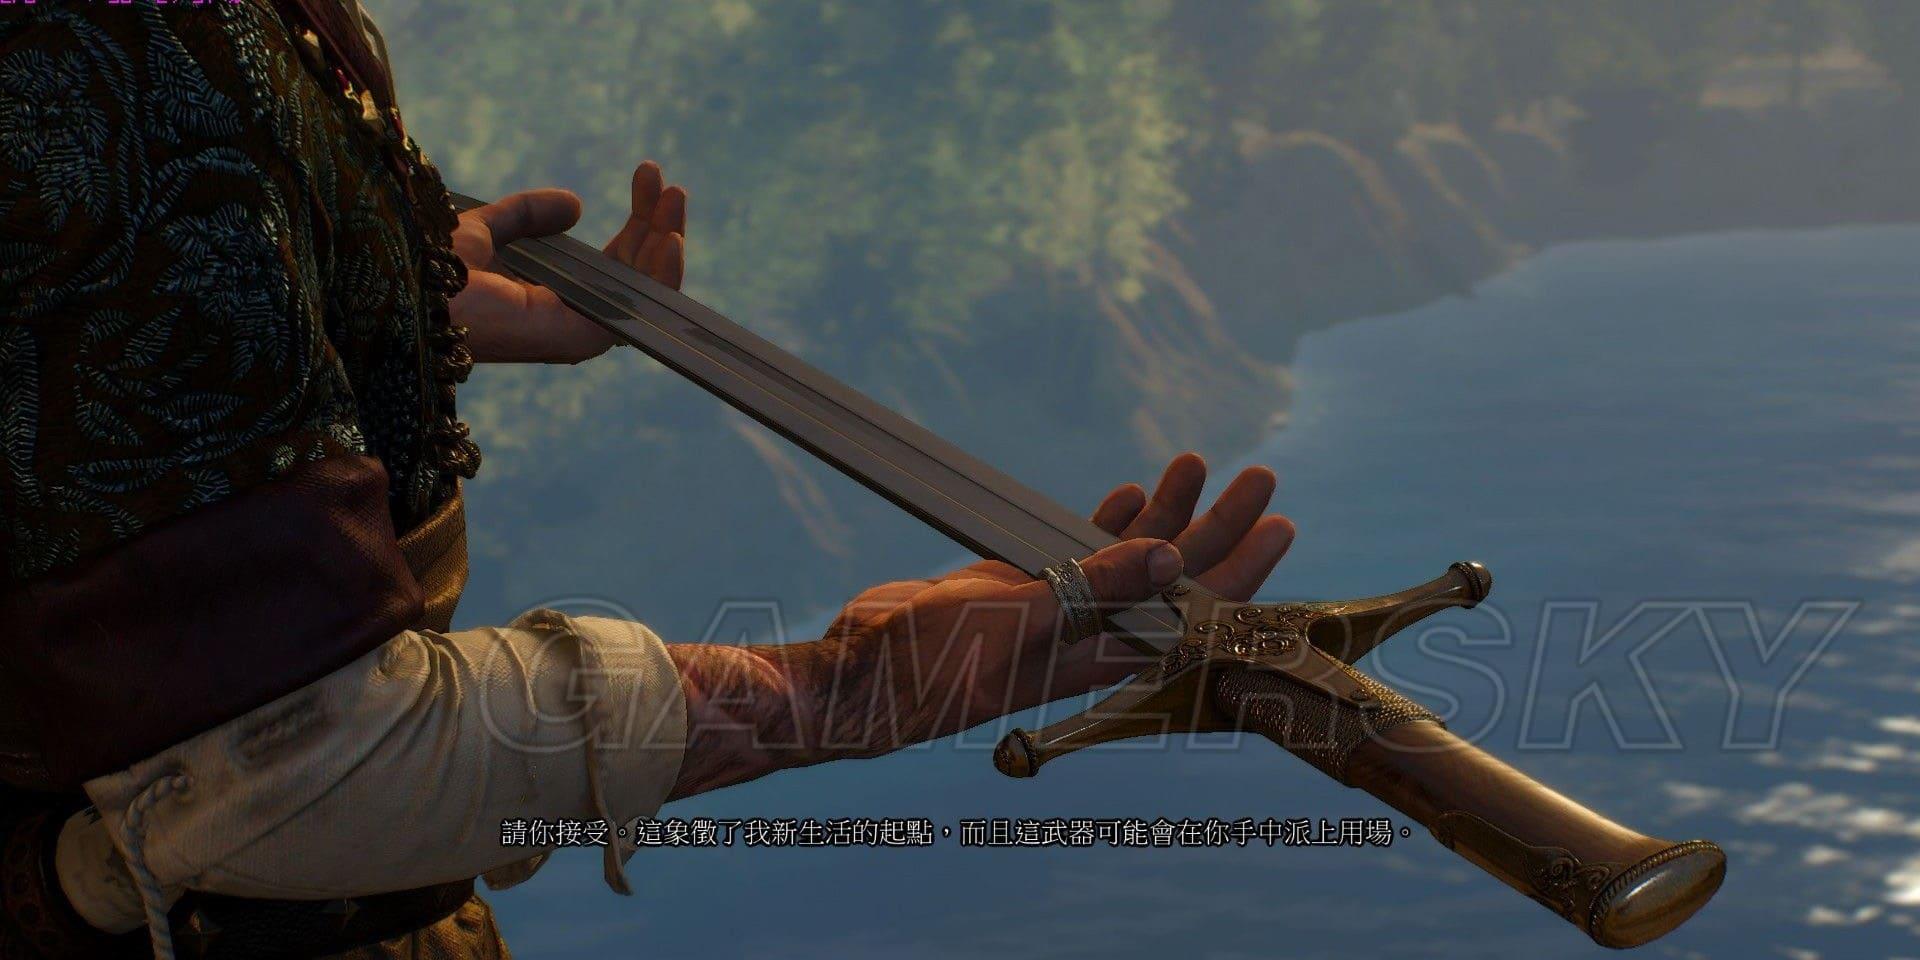 巫師3 DLC石之心結局獎勵鋼劍屬性及獲得 巫師3DLC石之心結局獎勵有哪些